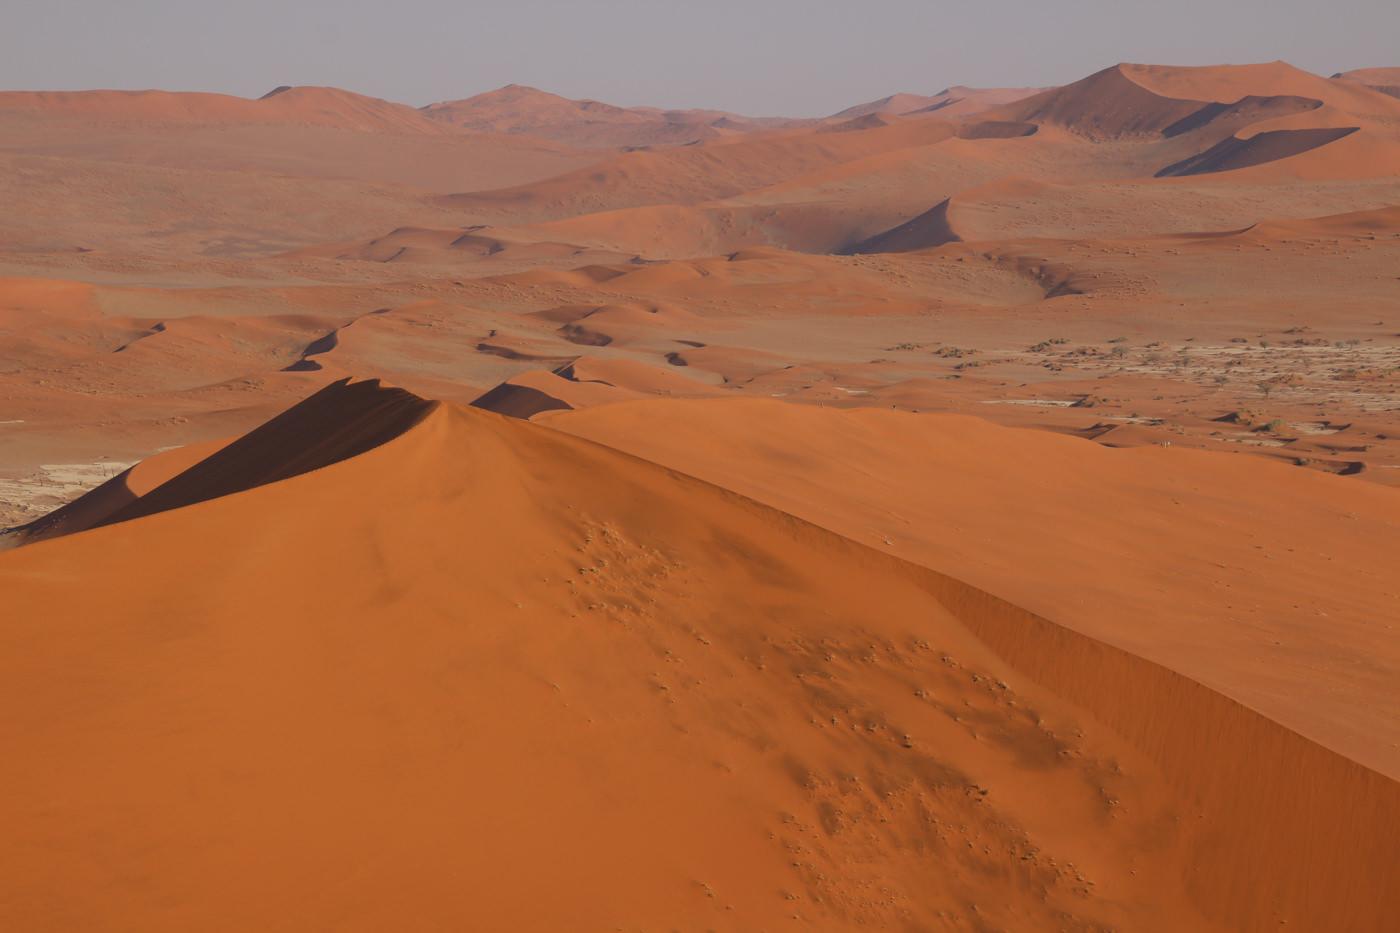 世界中のさまざまな砂漠の美しい景色の高画質画像まとめ!